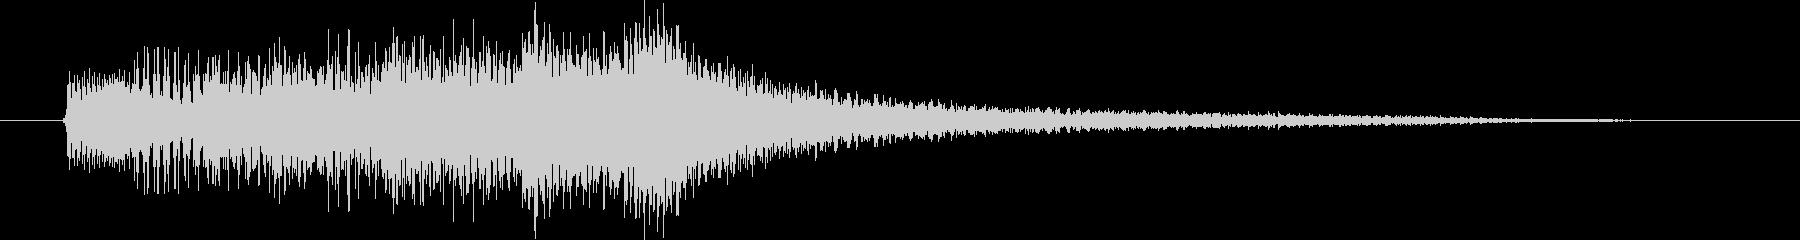 ピアノ生演奏/ジングル・キラキラ・明るいの未再生の波形